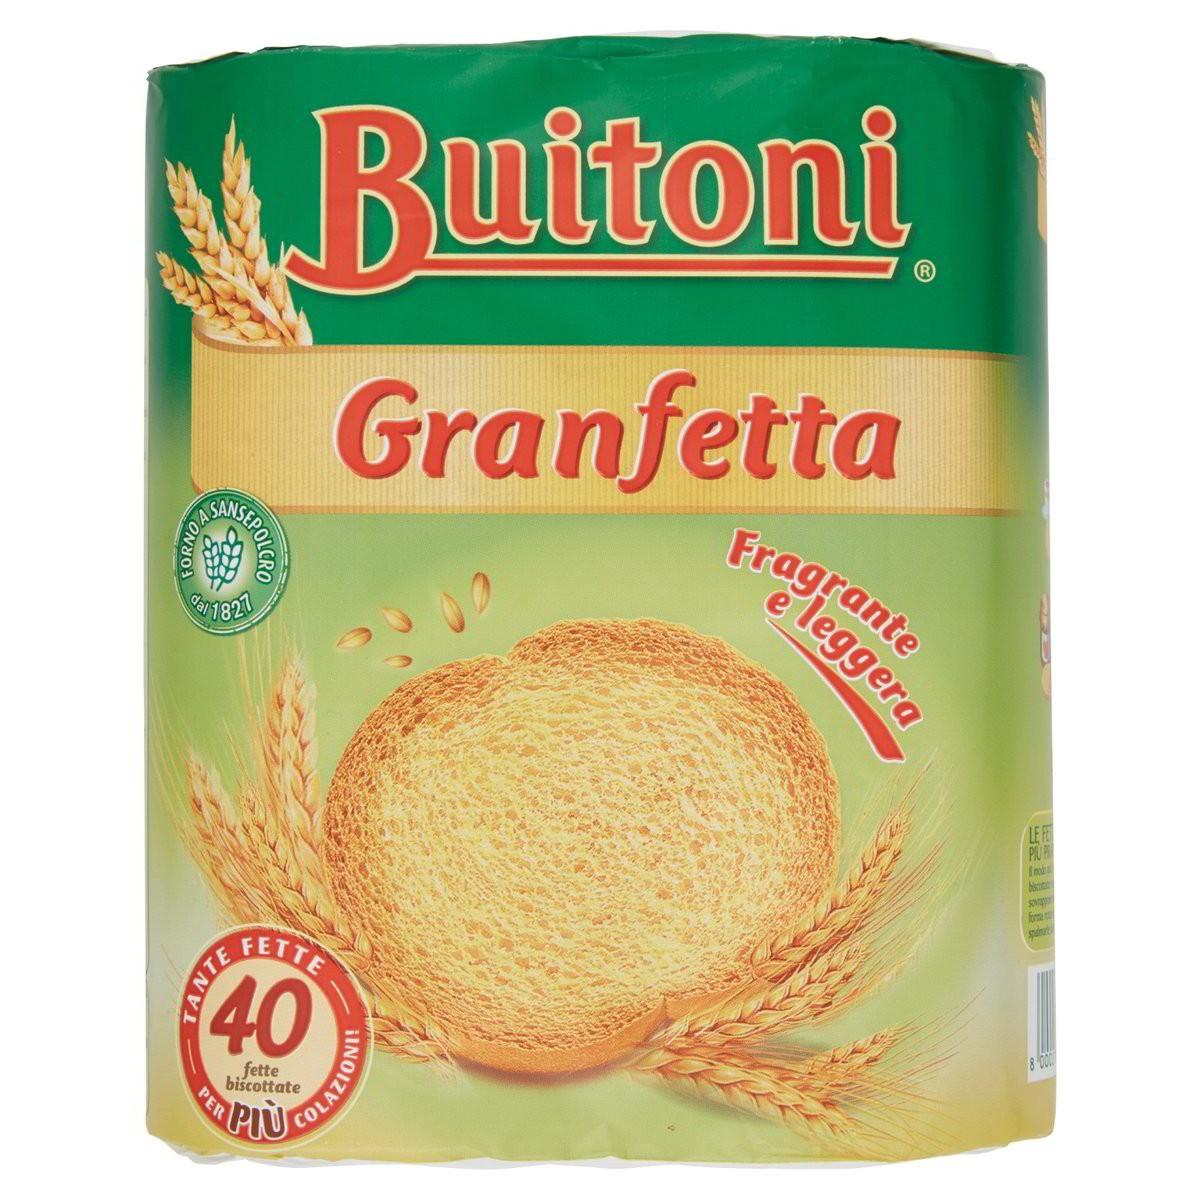 Fette biscottate Granfetta